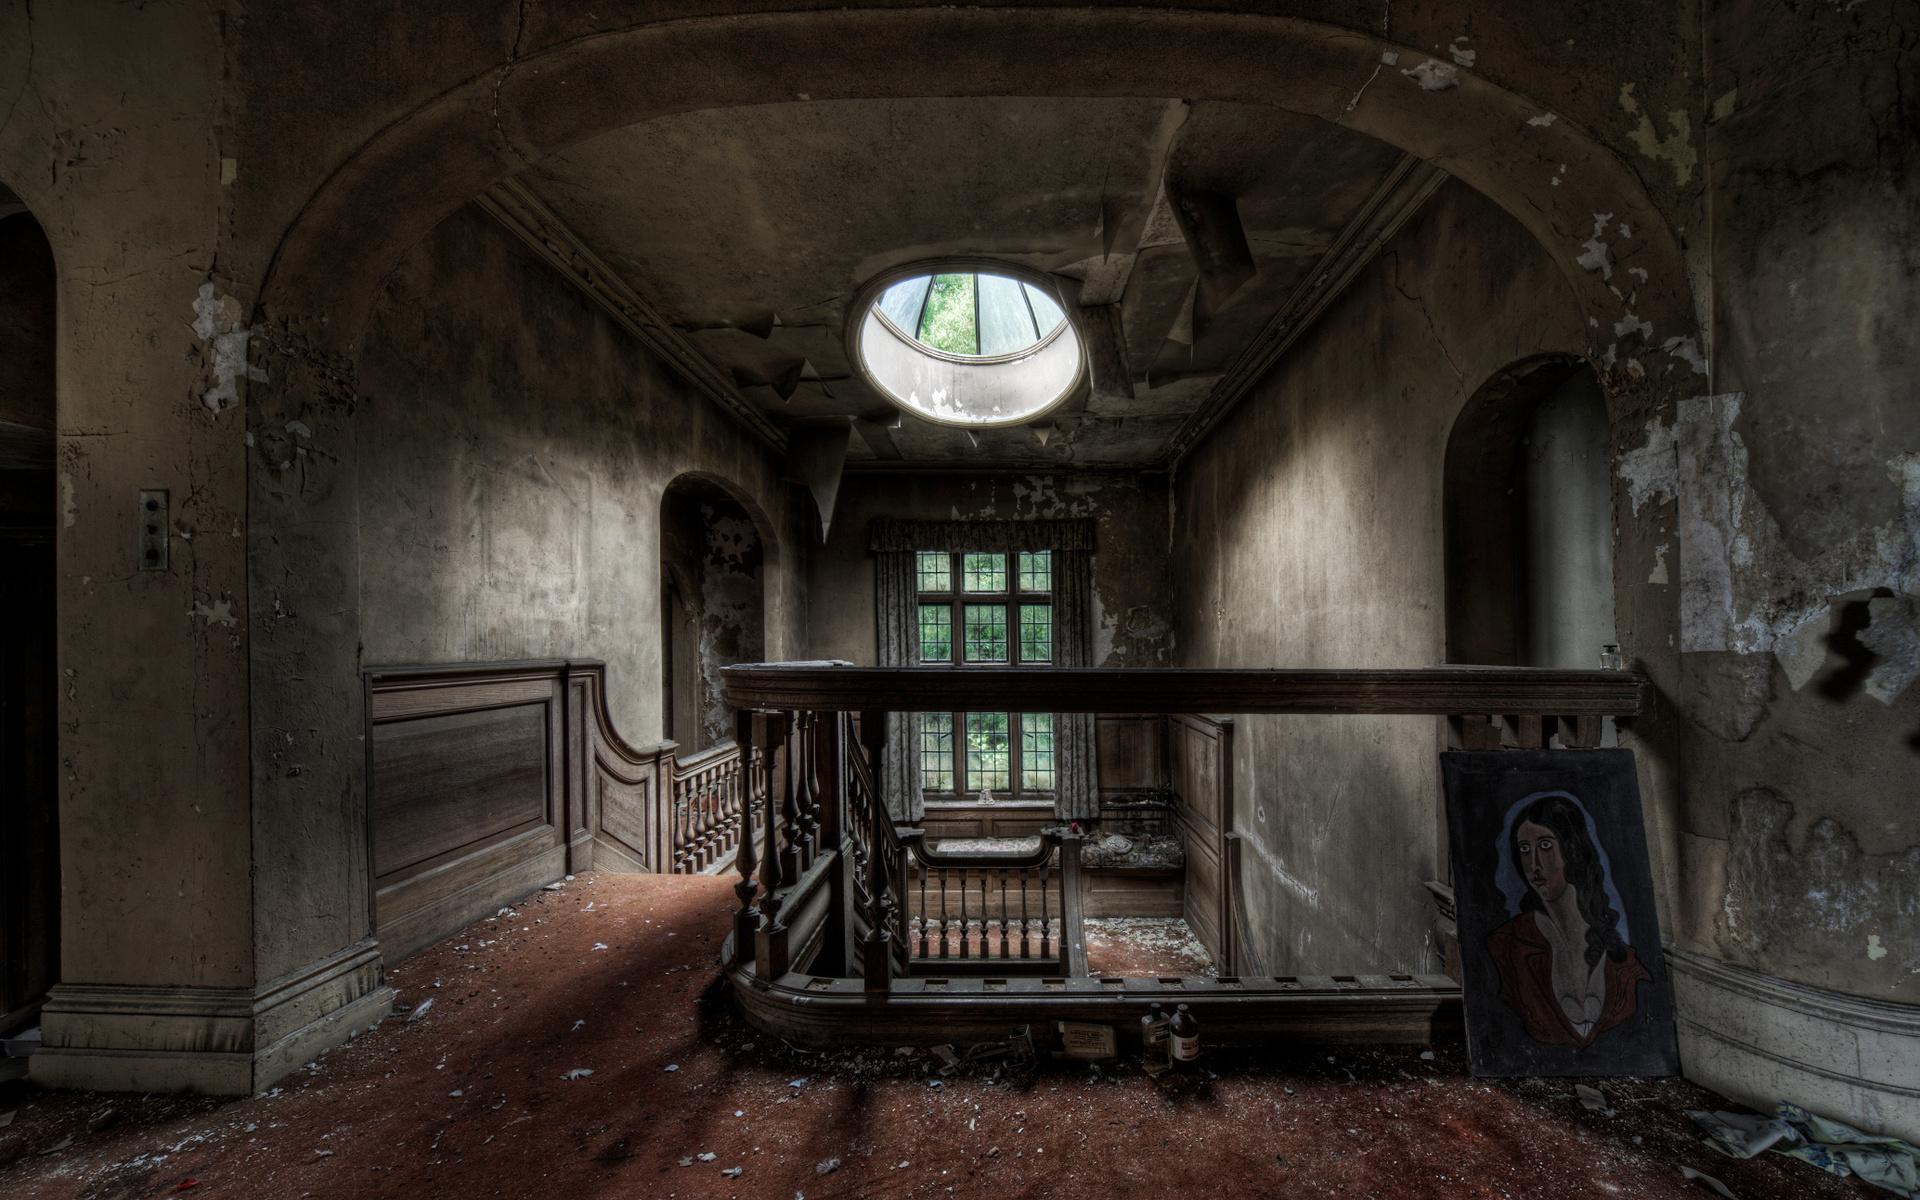 картинки заброшенного дома внутри эти понятия